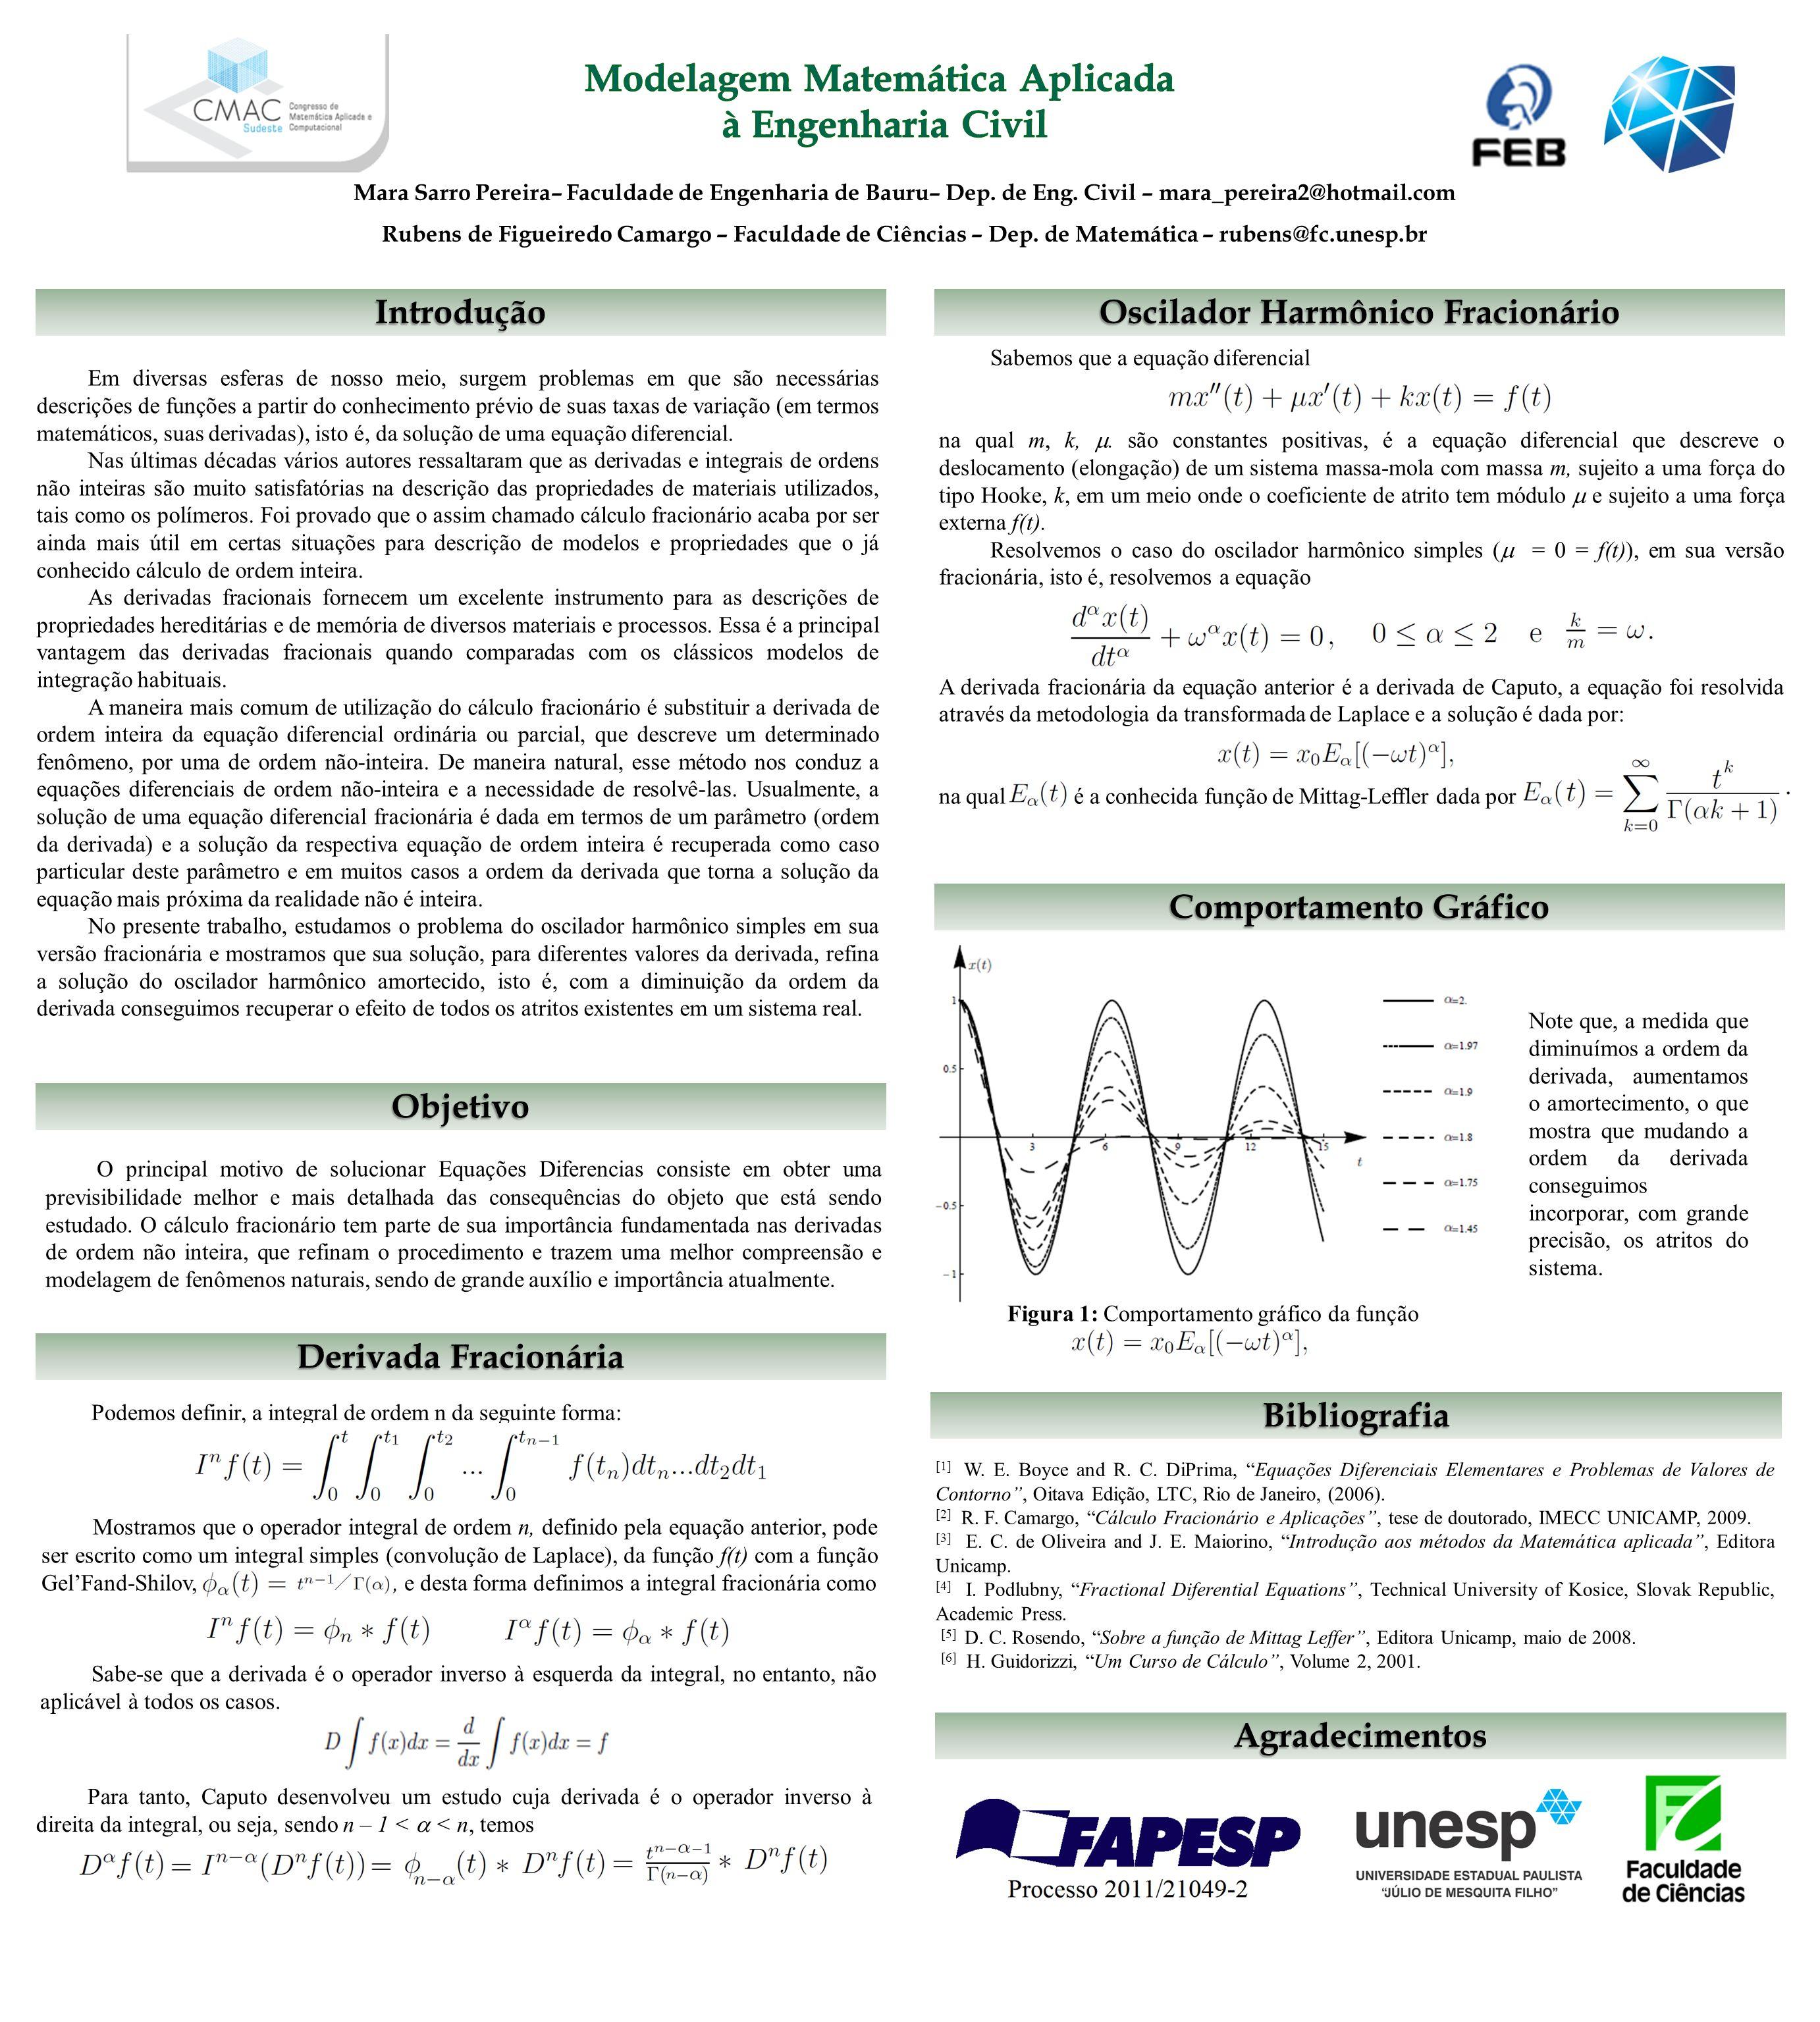 Modelagem Matemática Aplicada à Engenharia Civil